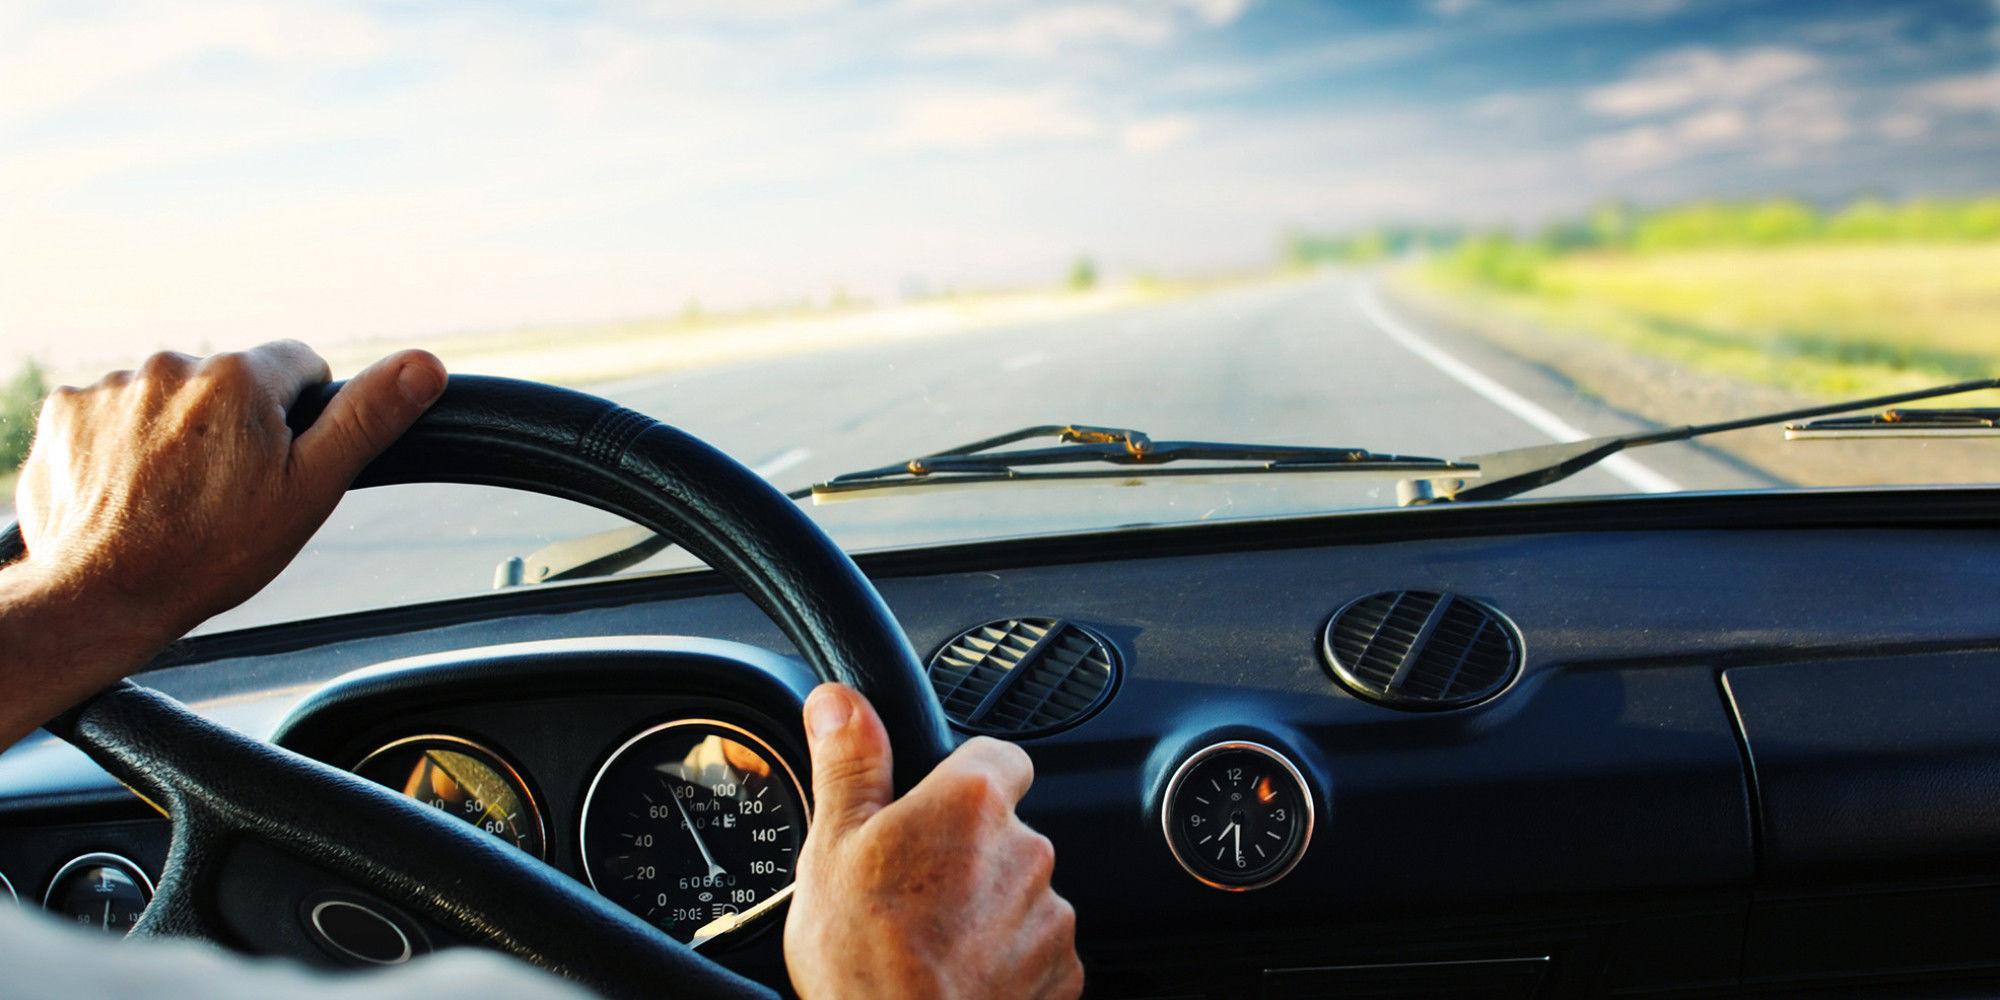 Innate Behaviour Of Reaching Determines How We Steer A Vehicle